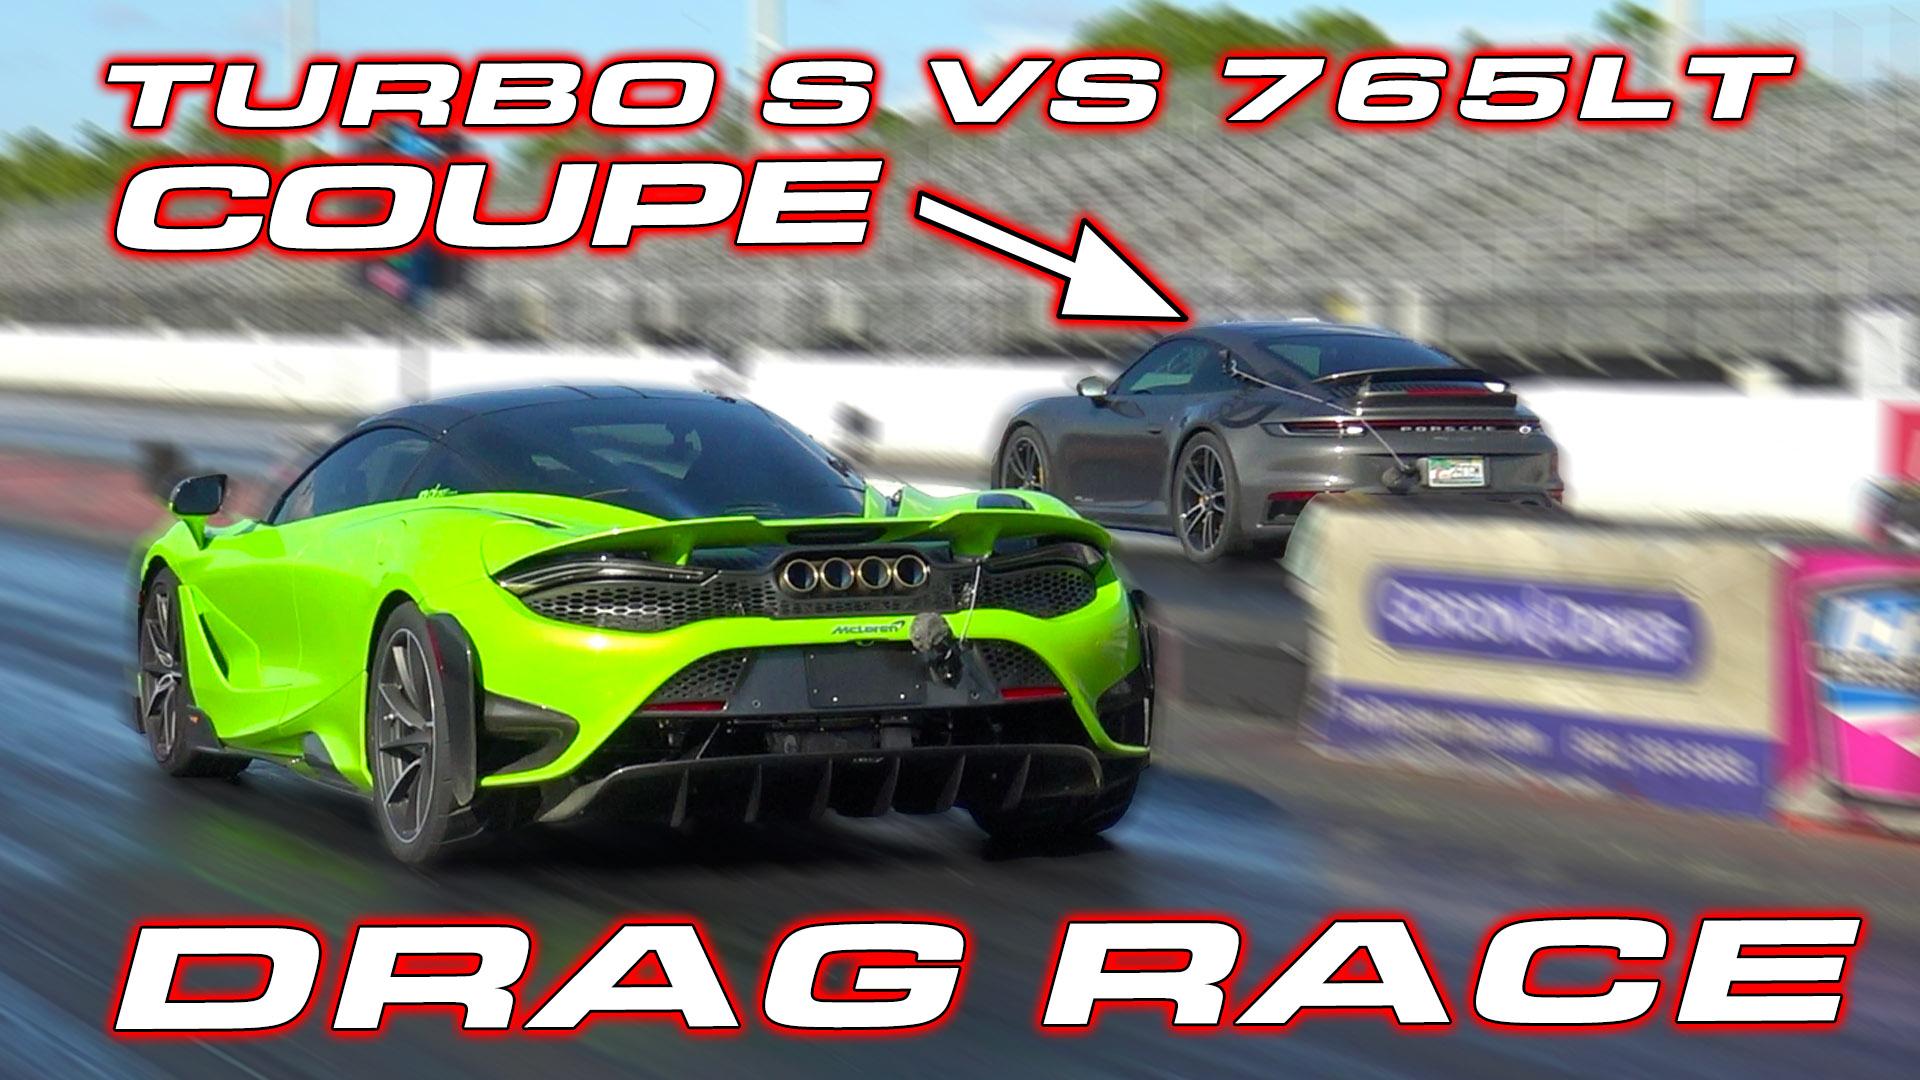 765LT vs Turbo S